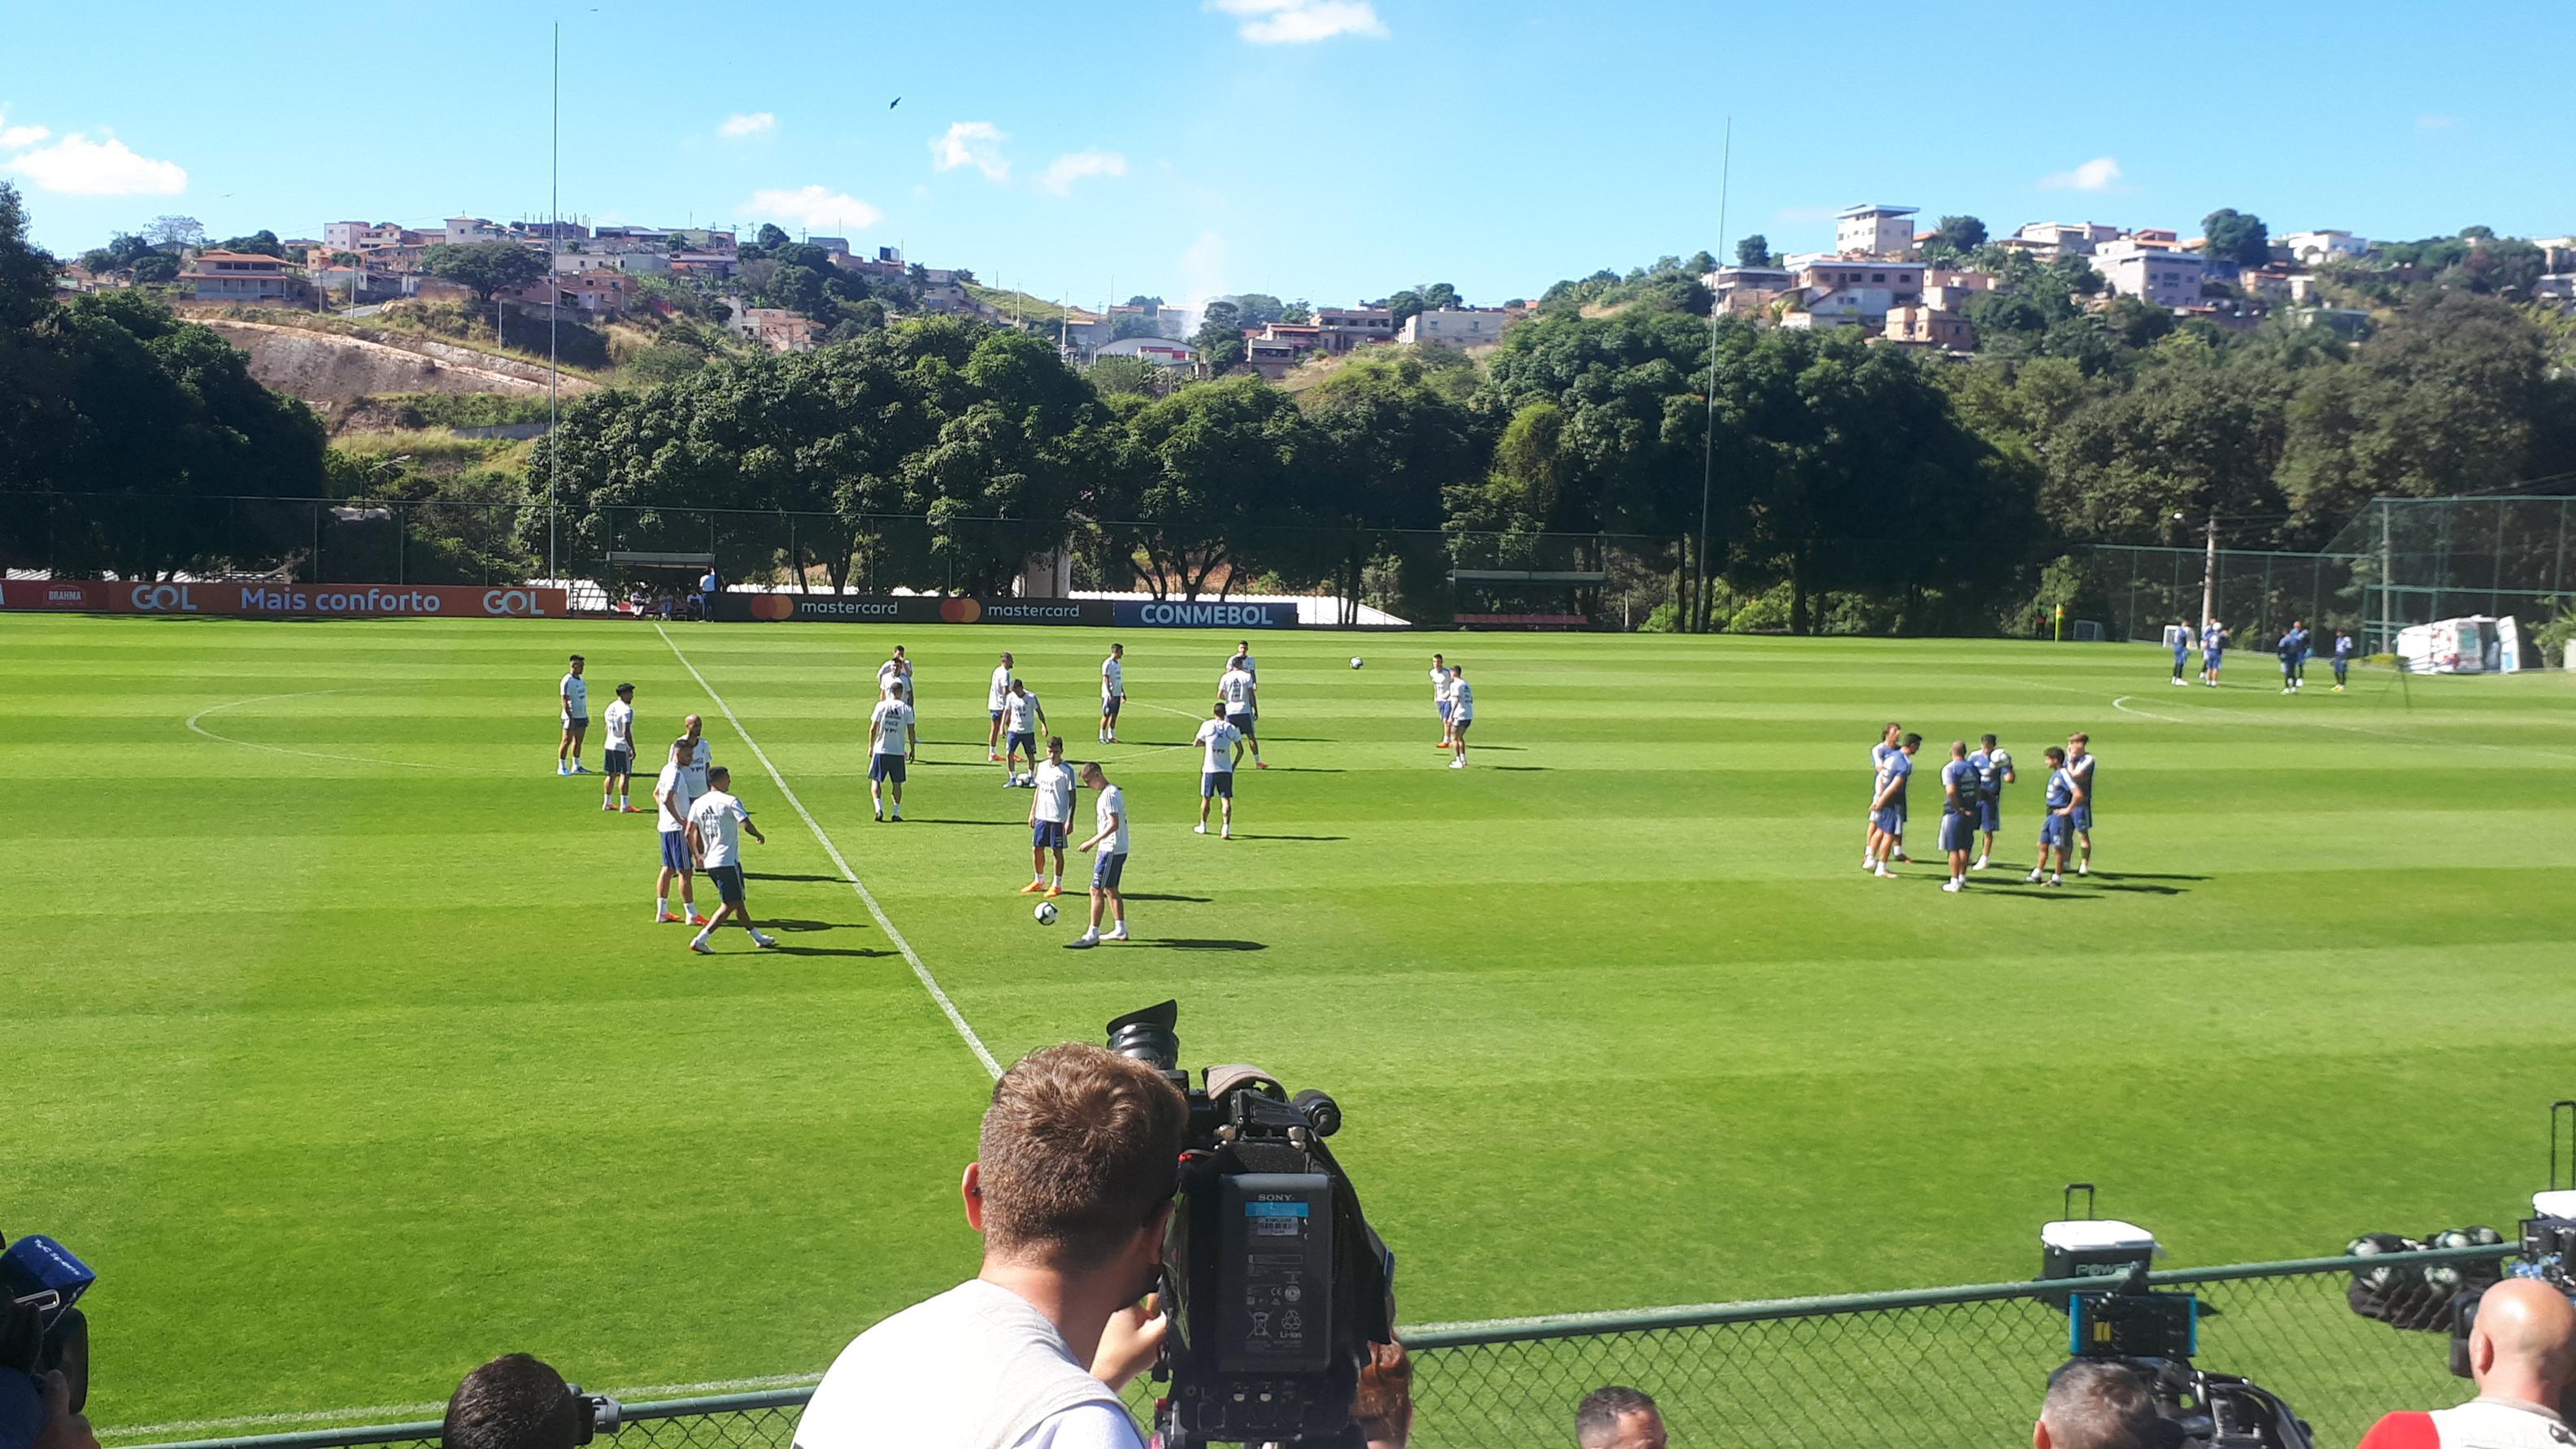 Copa América 2019: Lionel Scaloni mete cuatro cambios en Argentina